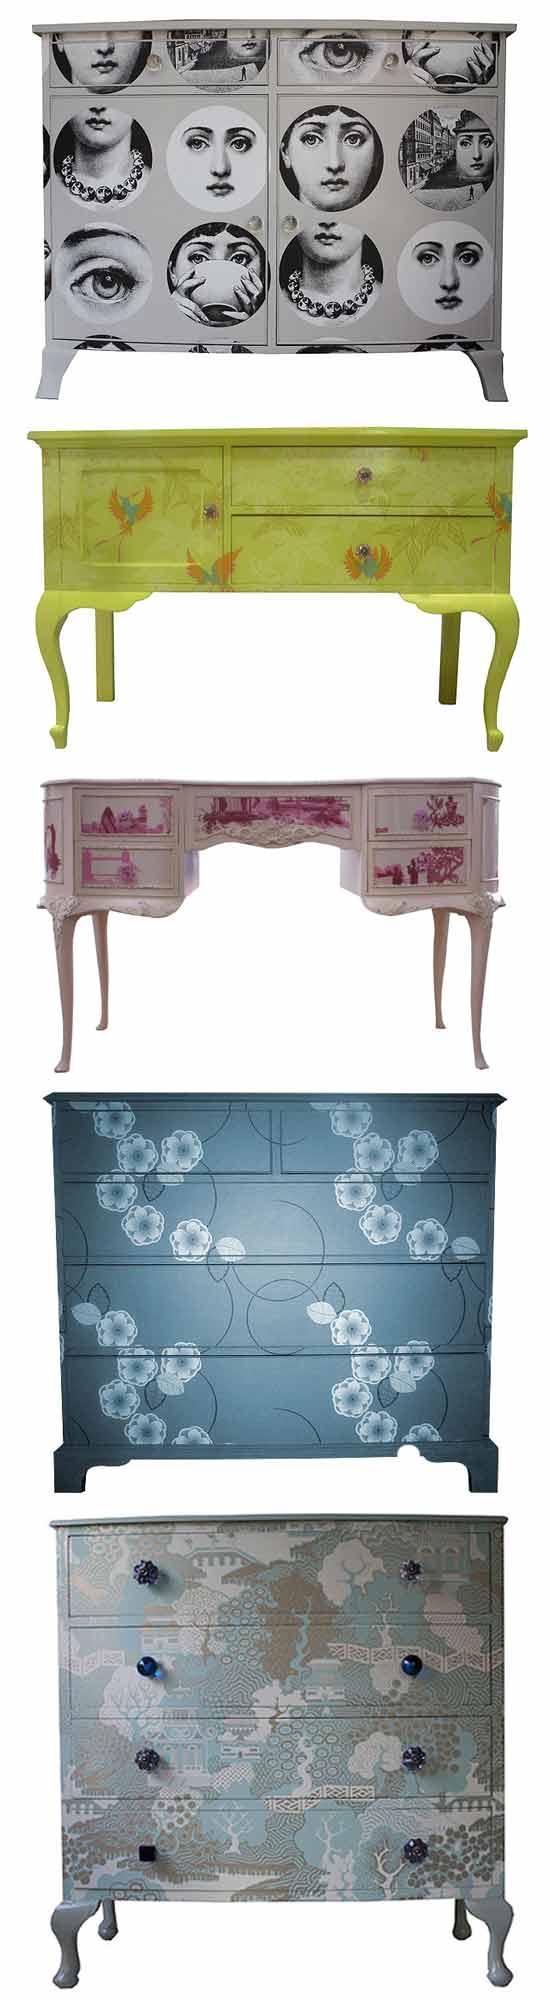 Бизнес идеи в сфере дизайна: Оригинальный способ реставрации мебели